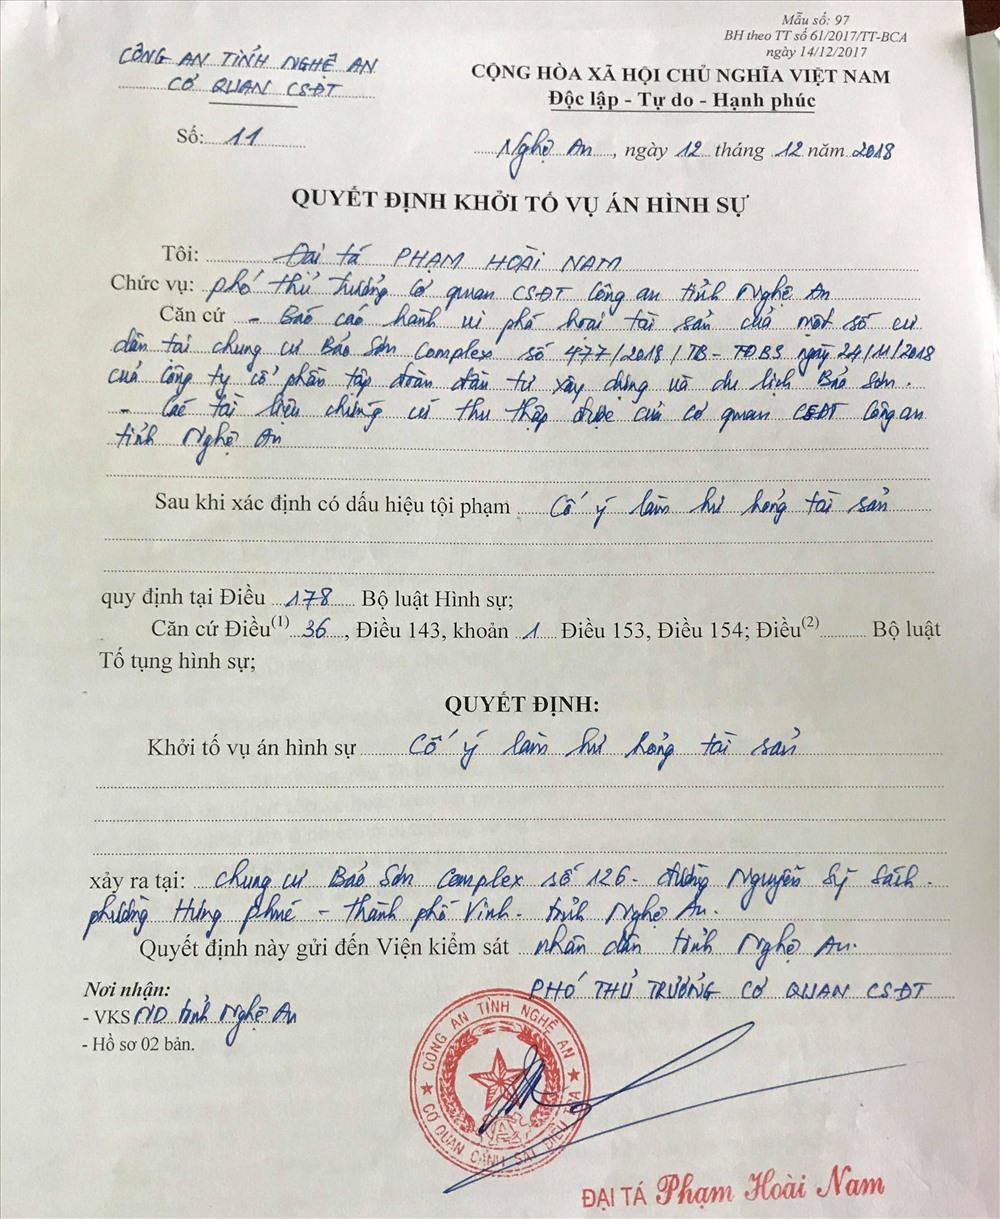 """Lùm xùm tại chung cư Bảo Sơn: Khởi tố vụ án """"cố ý làm hư hỏng tài sản"""" - Ảnh 3"""